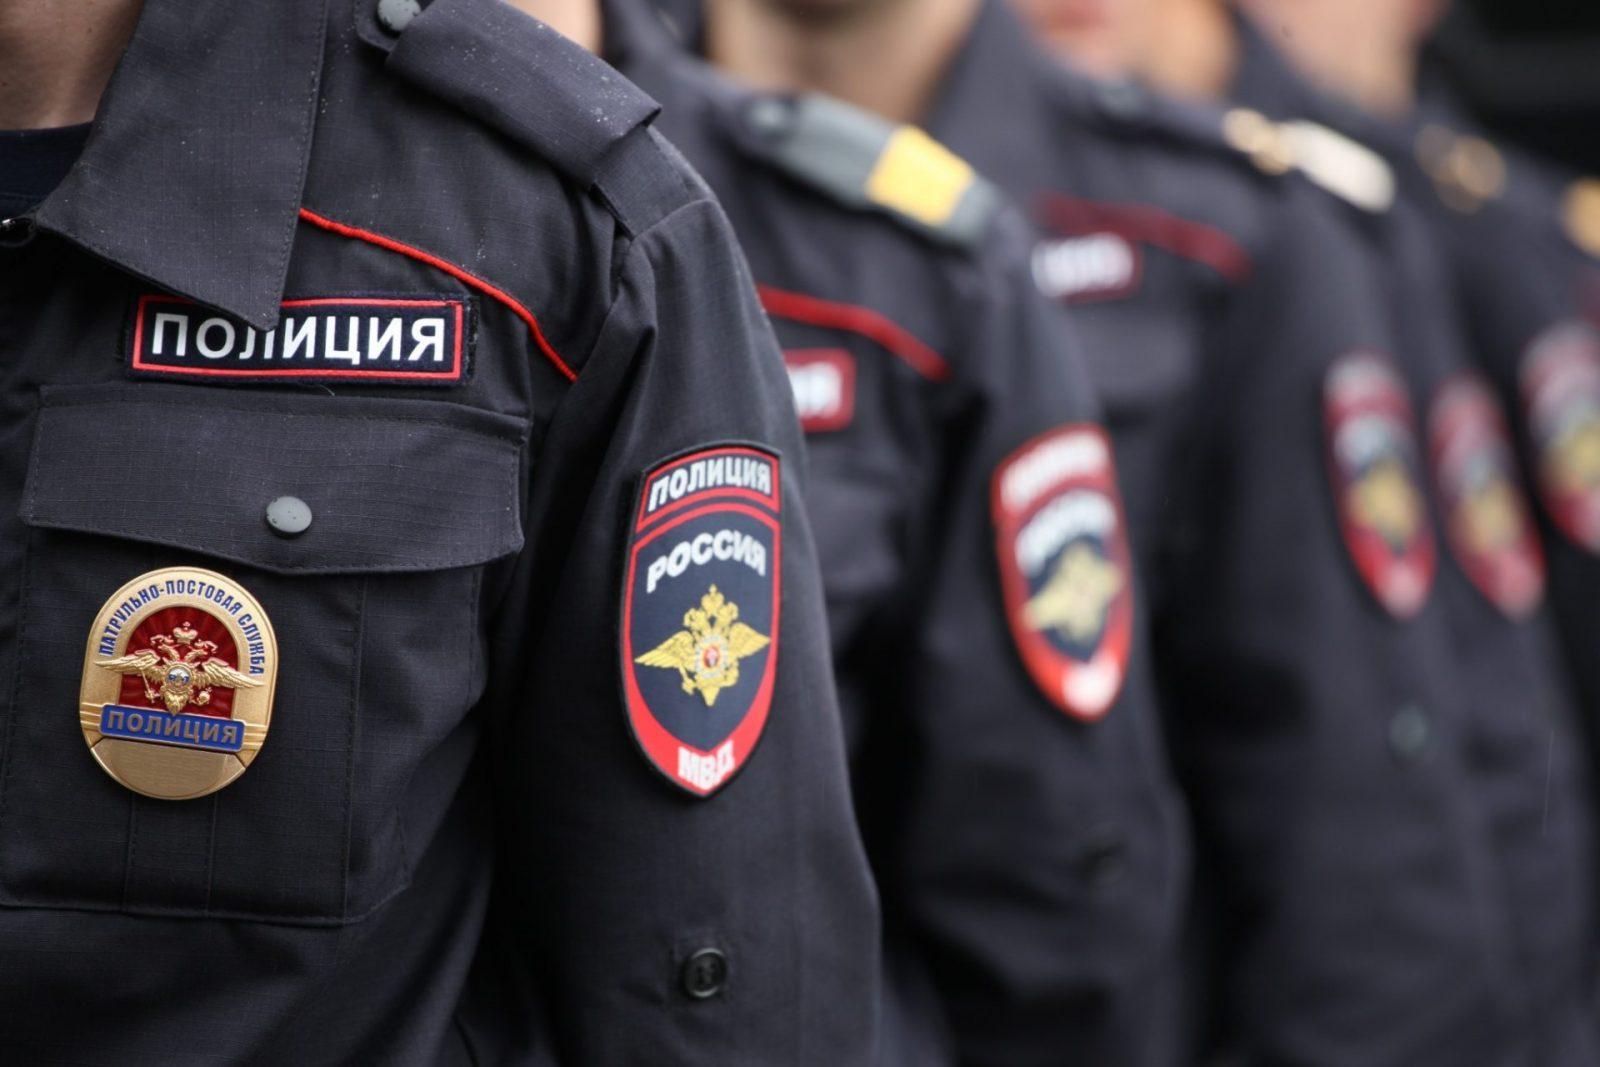 Полицейские попросили рязанцев воздержаться от участия в несанкционированных акциях